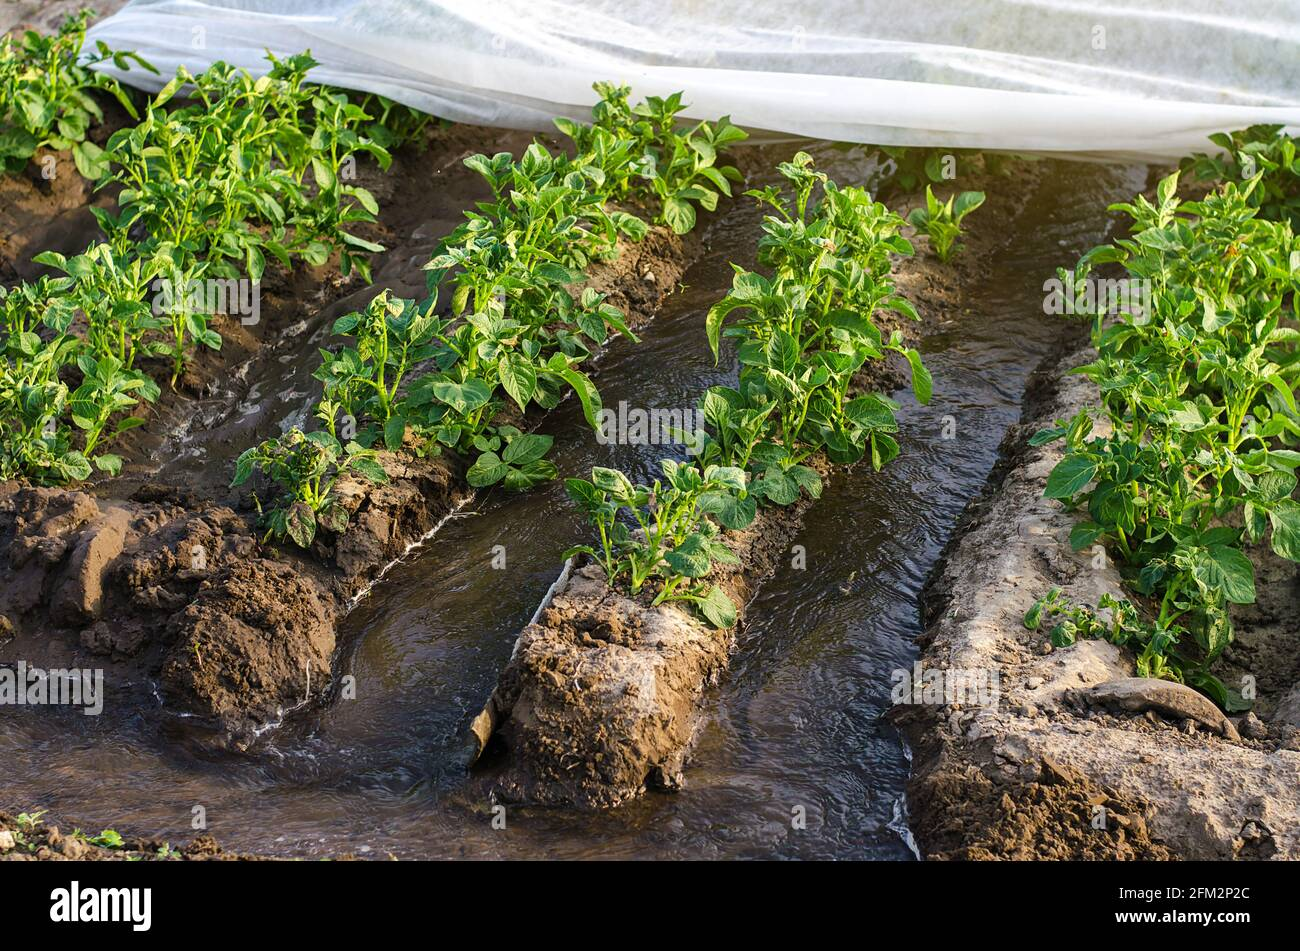 El agua fluye a través de los canales hacia un túnel de invernadero con una plantación de matorrales de papa. La industria agrícola. Sistema de riego agrícola. Cultivos Foto de stock